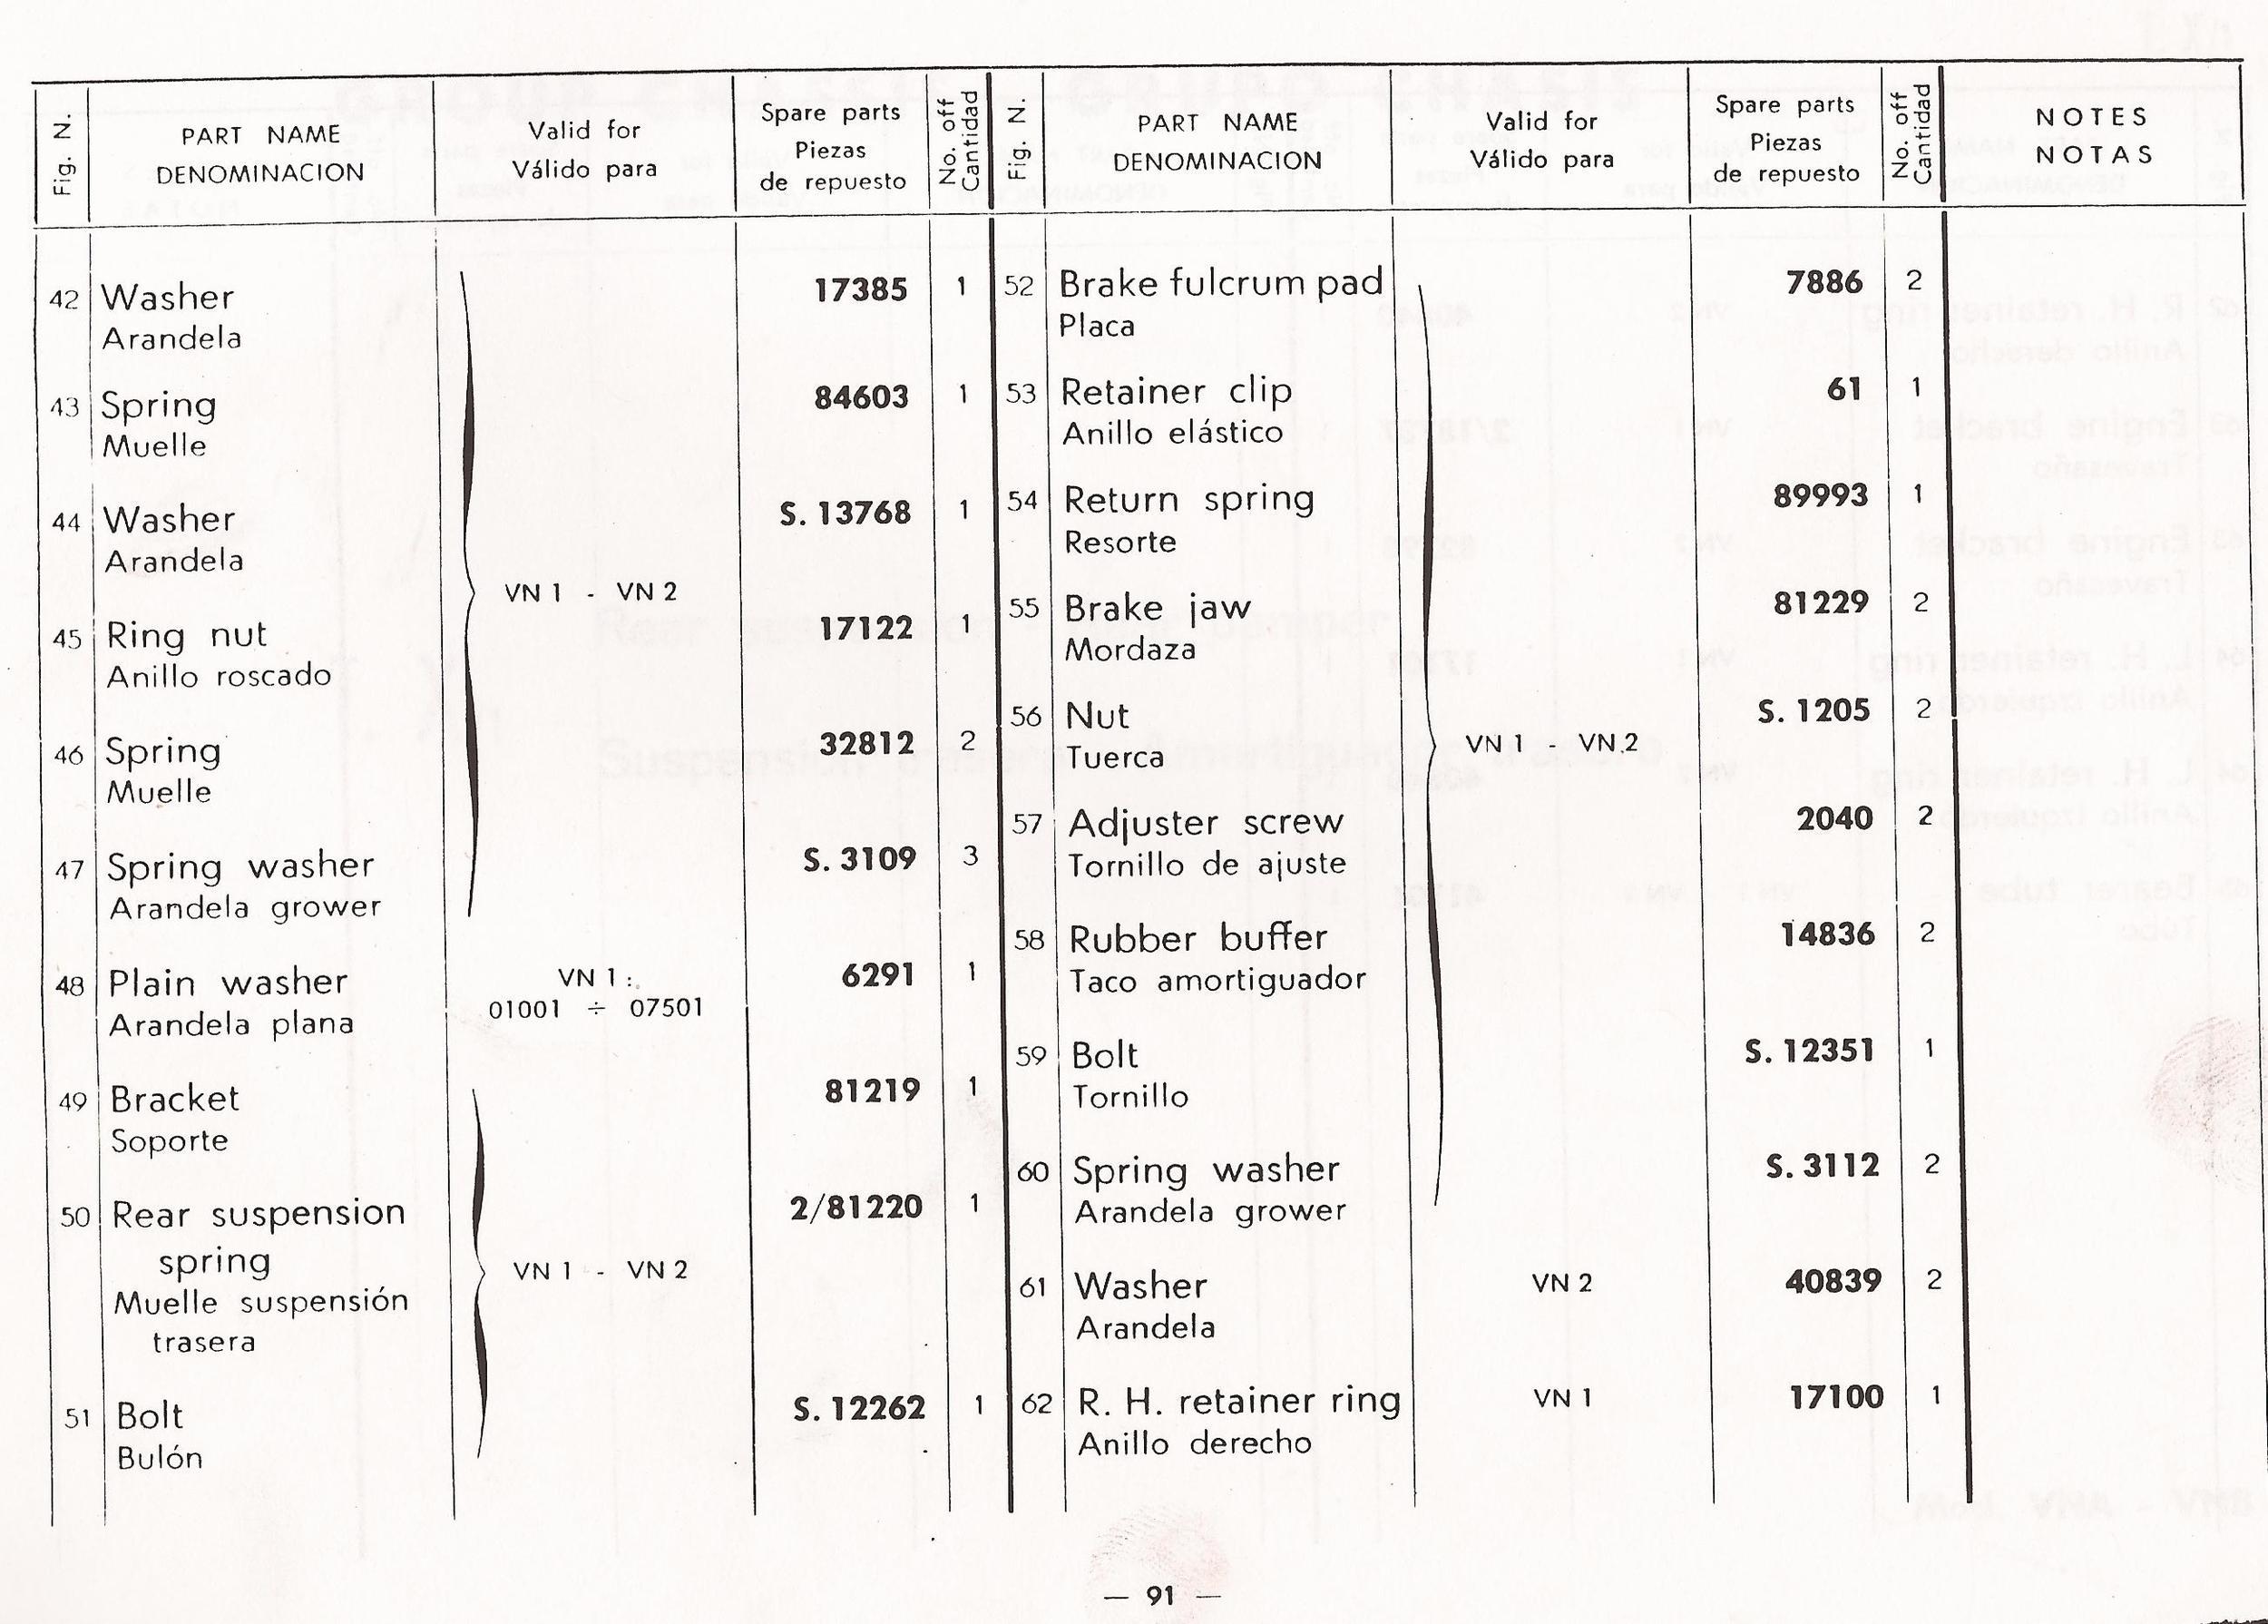 07-16-2013 vespa 125 catalog manuel 93.jpg